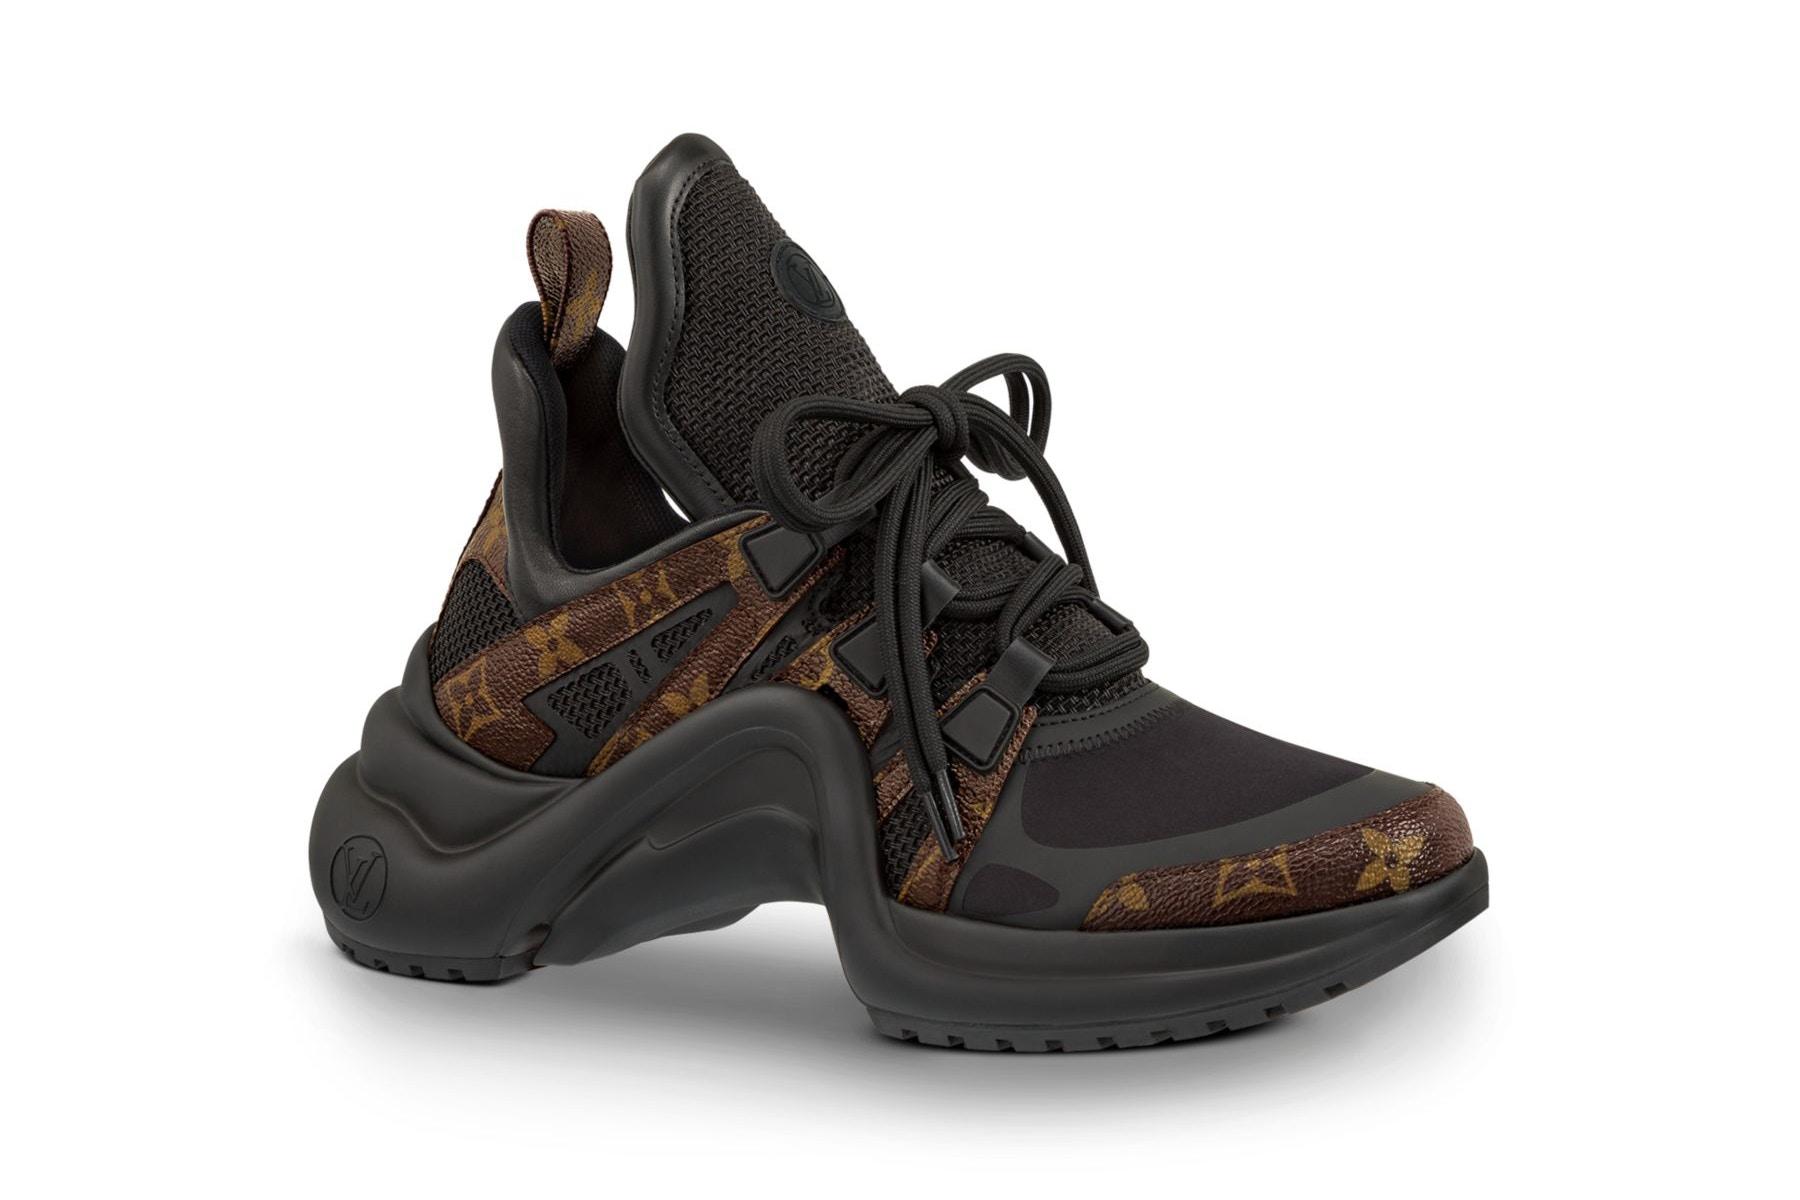 5c4808fb710 chaussures Louis Vuitton · chaussures Louis Vuitton ... ... chaussures-Louis -vuitton-Paris-cuir-noir-pointure-8- Ajouter à ma liste d u0027envies .